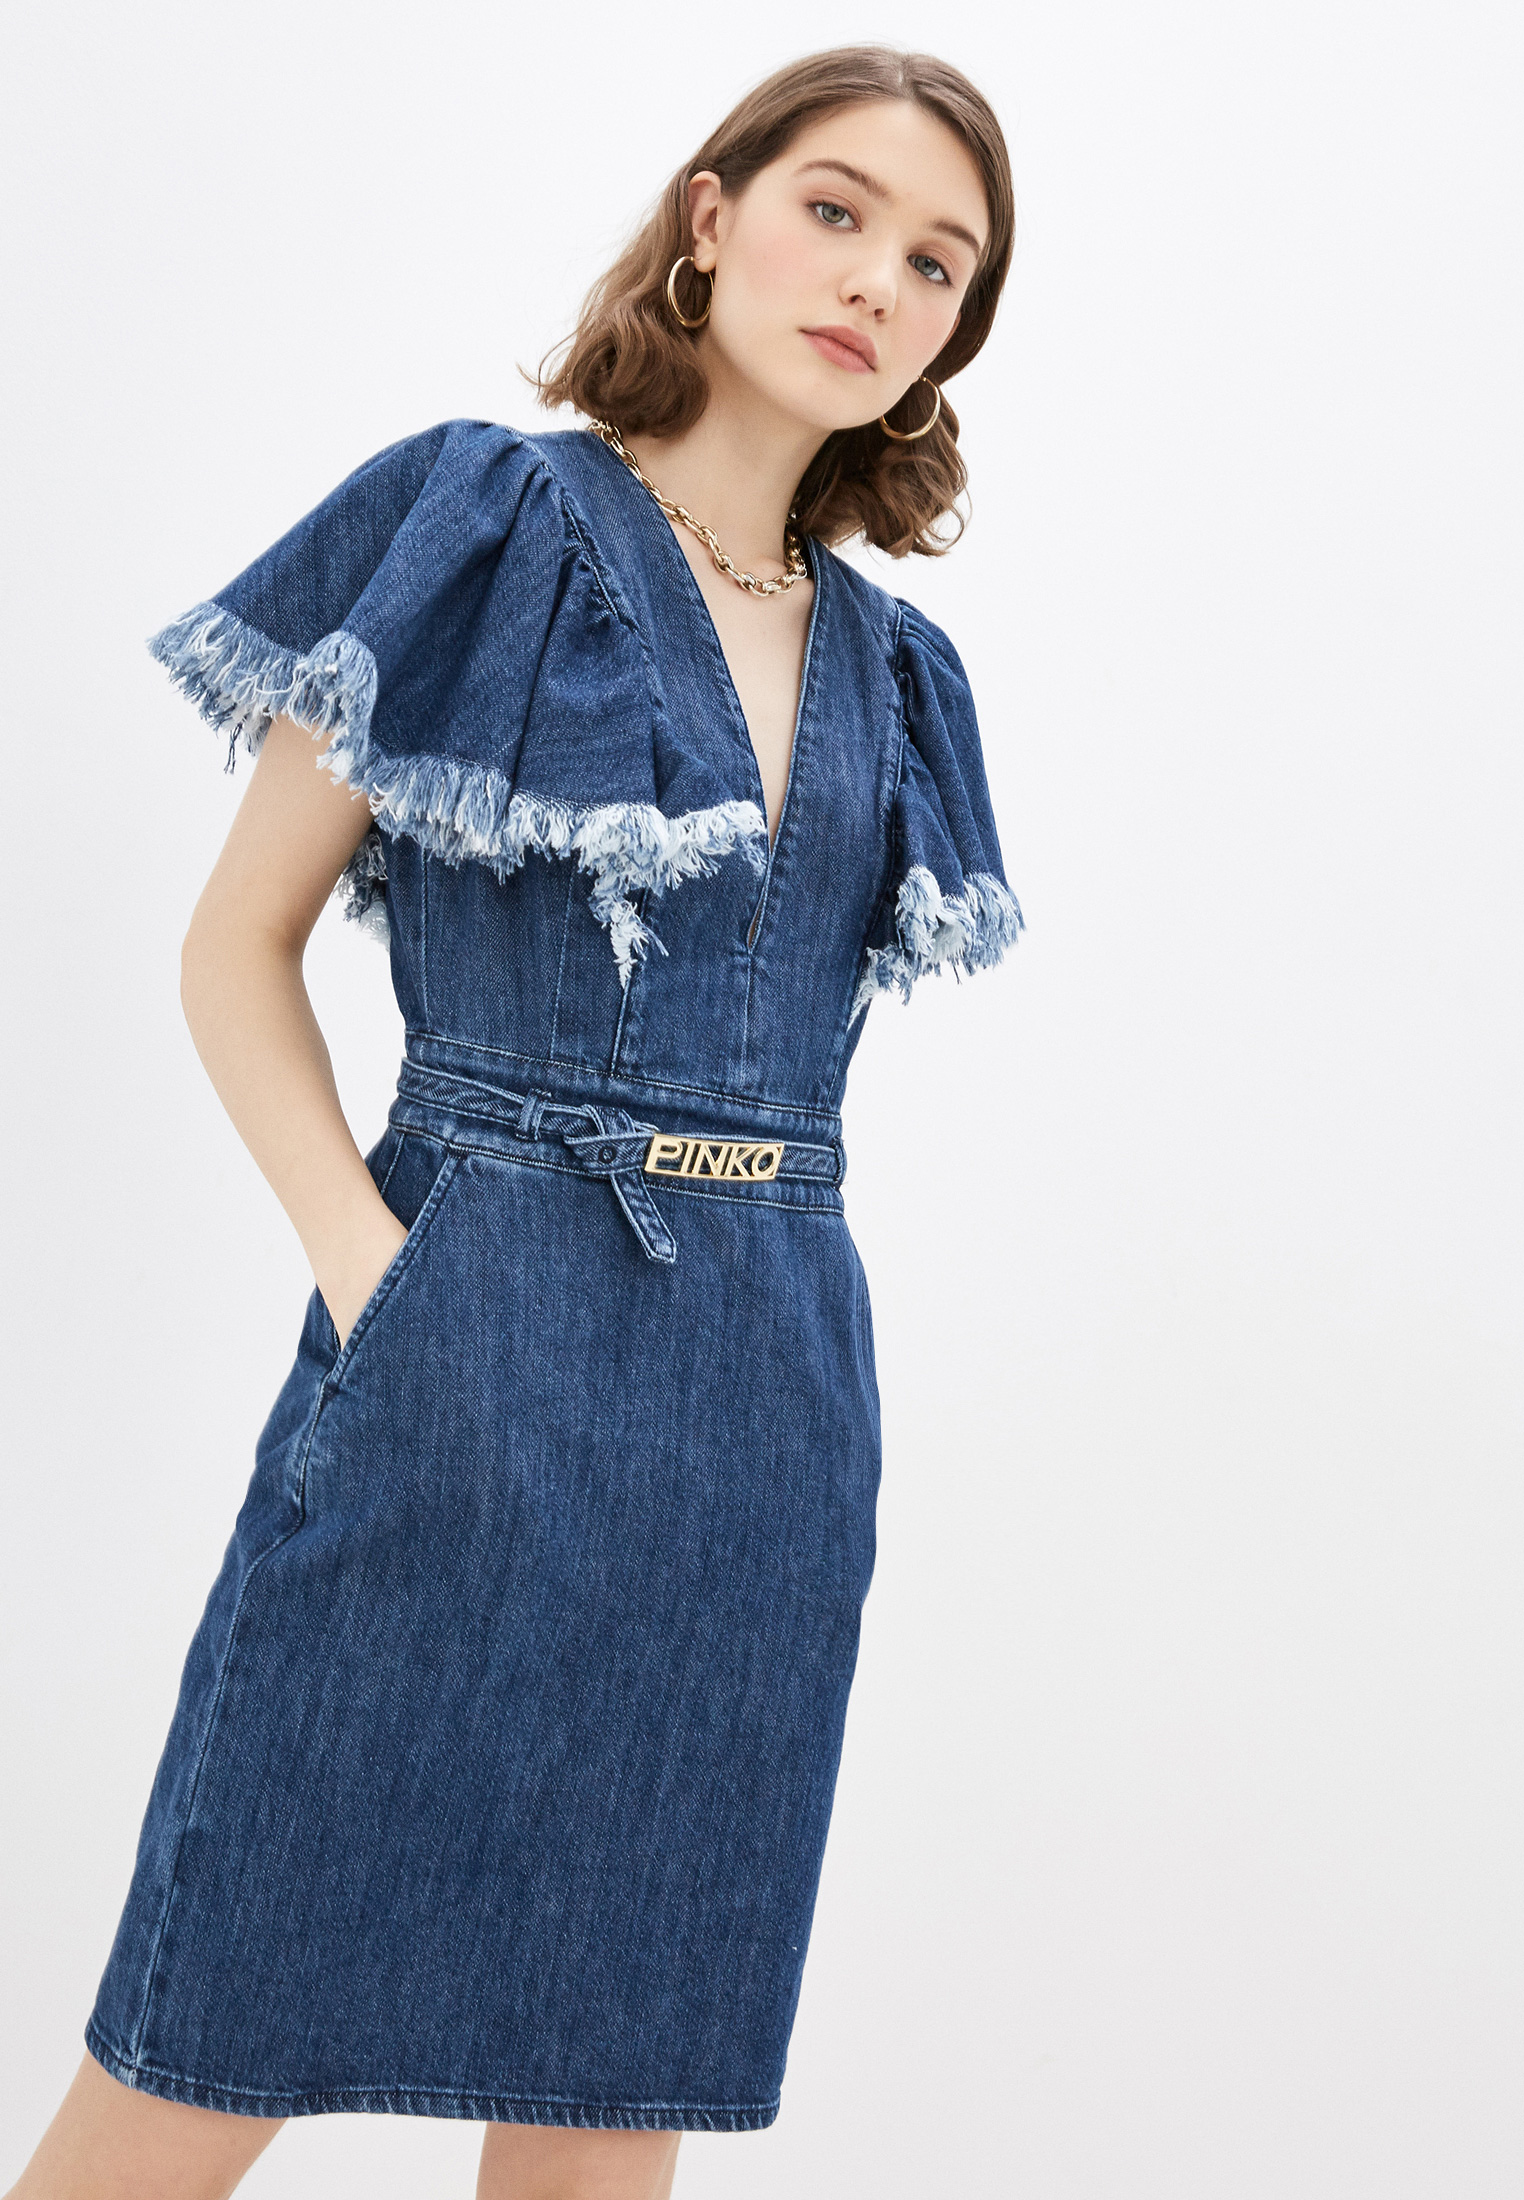 Платье джинсовое Pinko купить за 20 770 ₽ в интернет-магазине Lamoda.ru